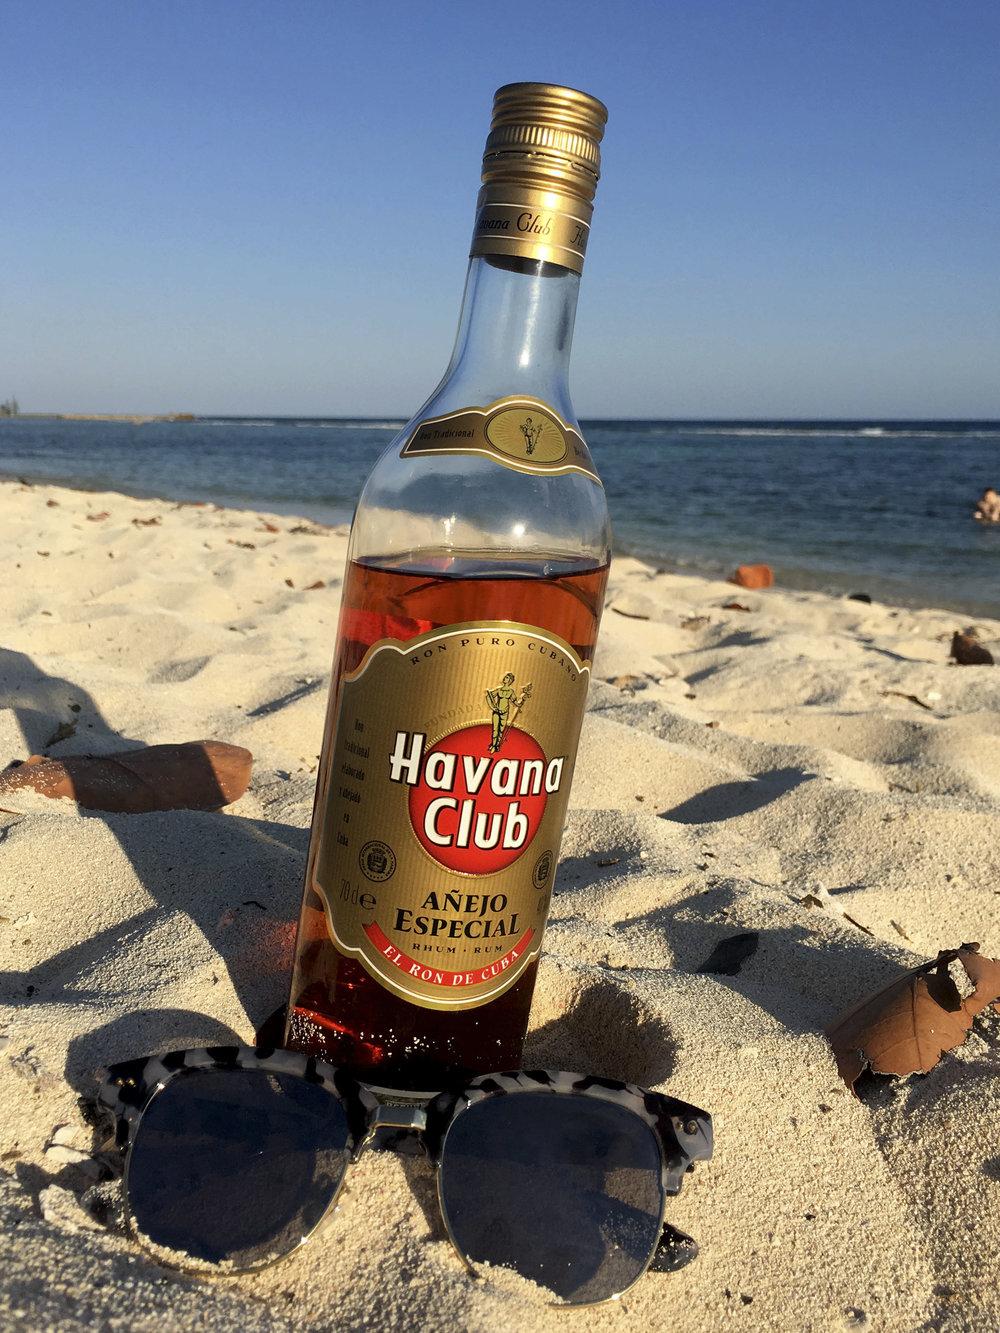 The best rum!